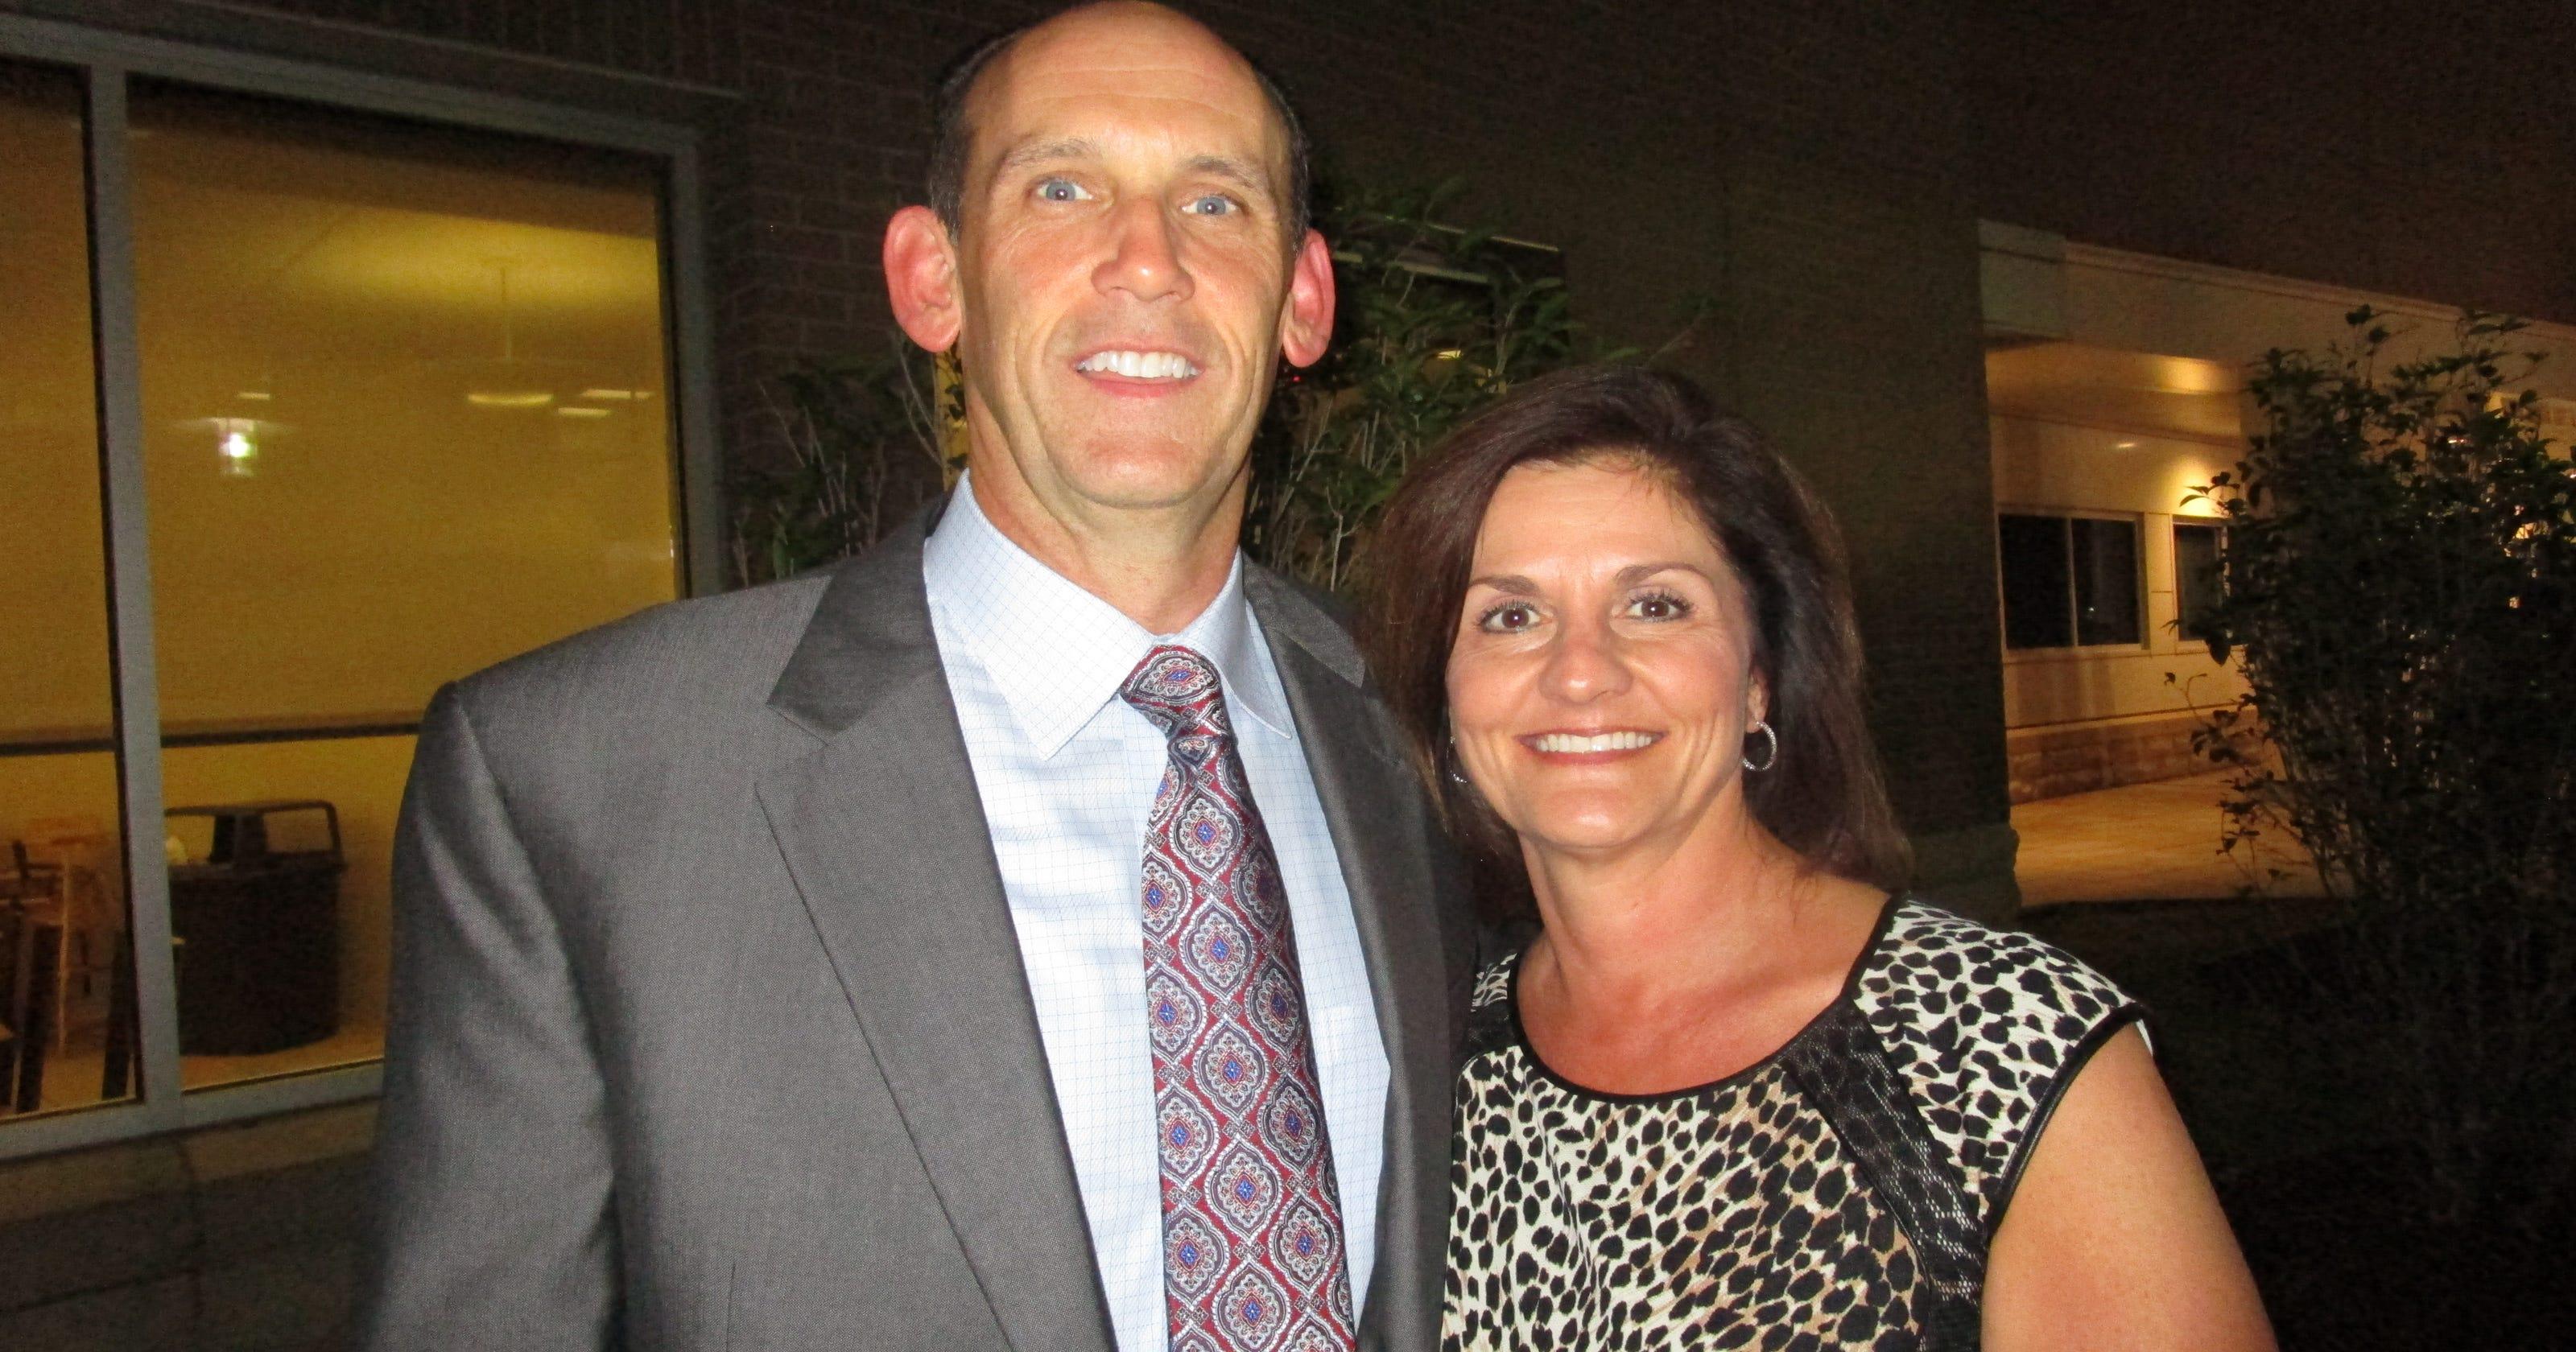 Lafayette businessman Kenneth Hix and wife Missy Lynn Hix killed in Texas plane crash